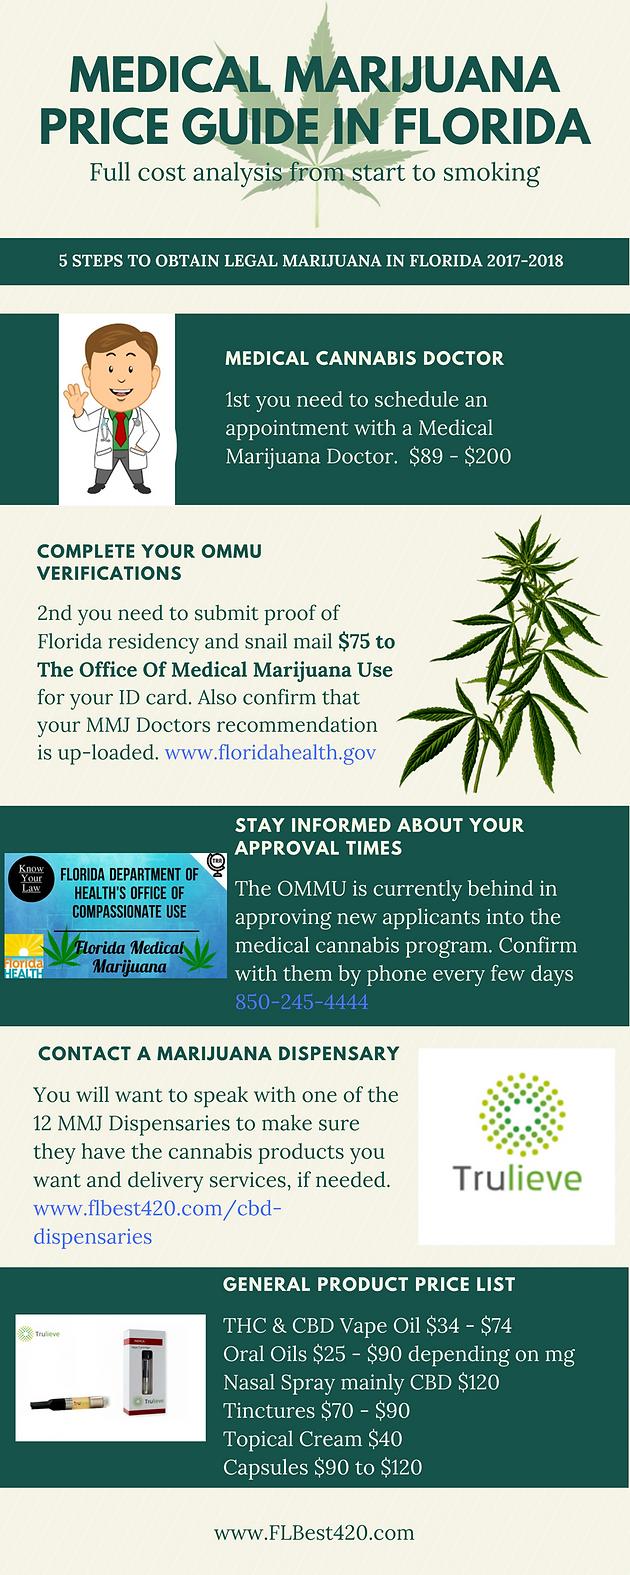 5 Steps to access Medical Marijuana in Florida | Florida